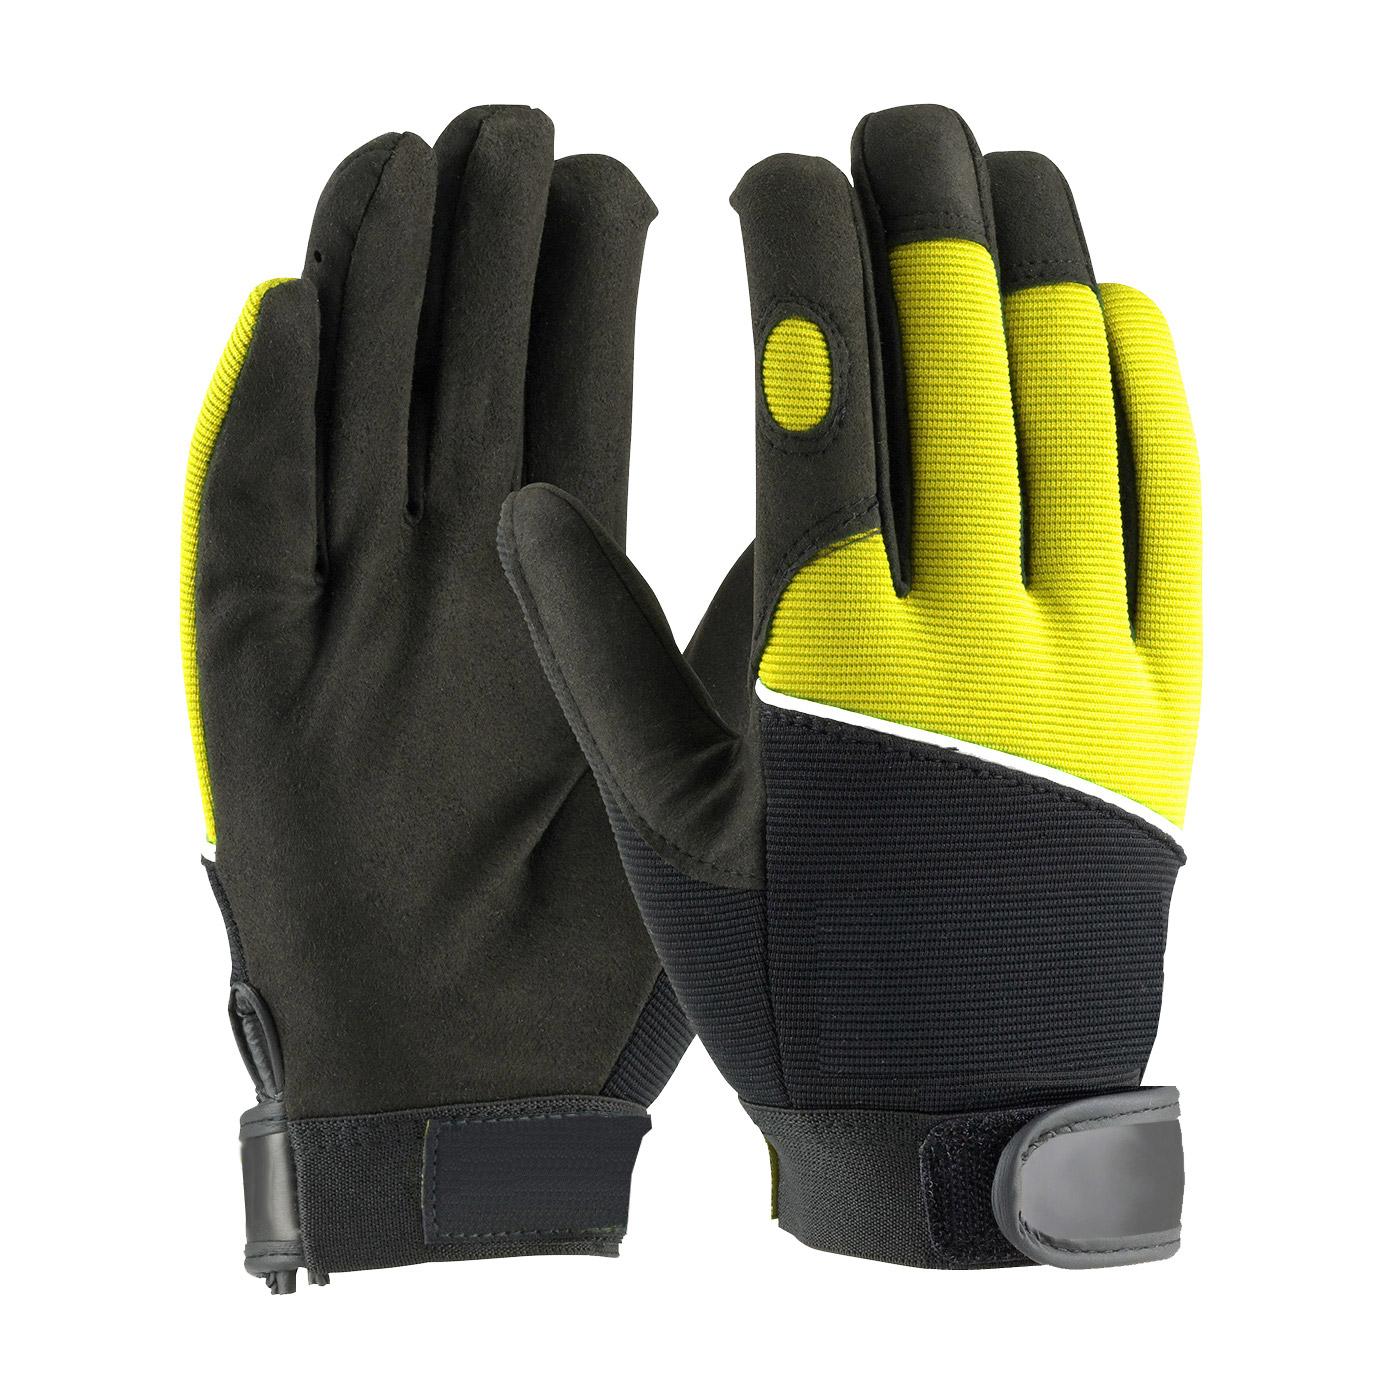 LD-934 Mechanics Synthetic Leather